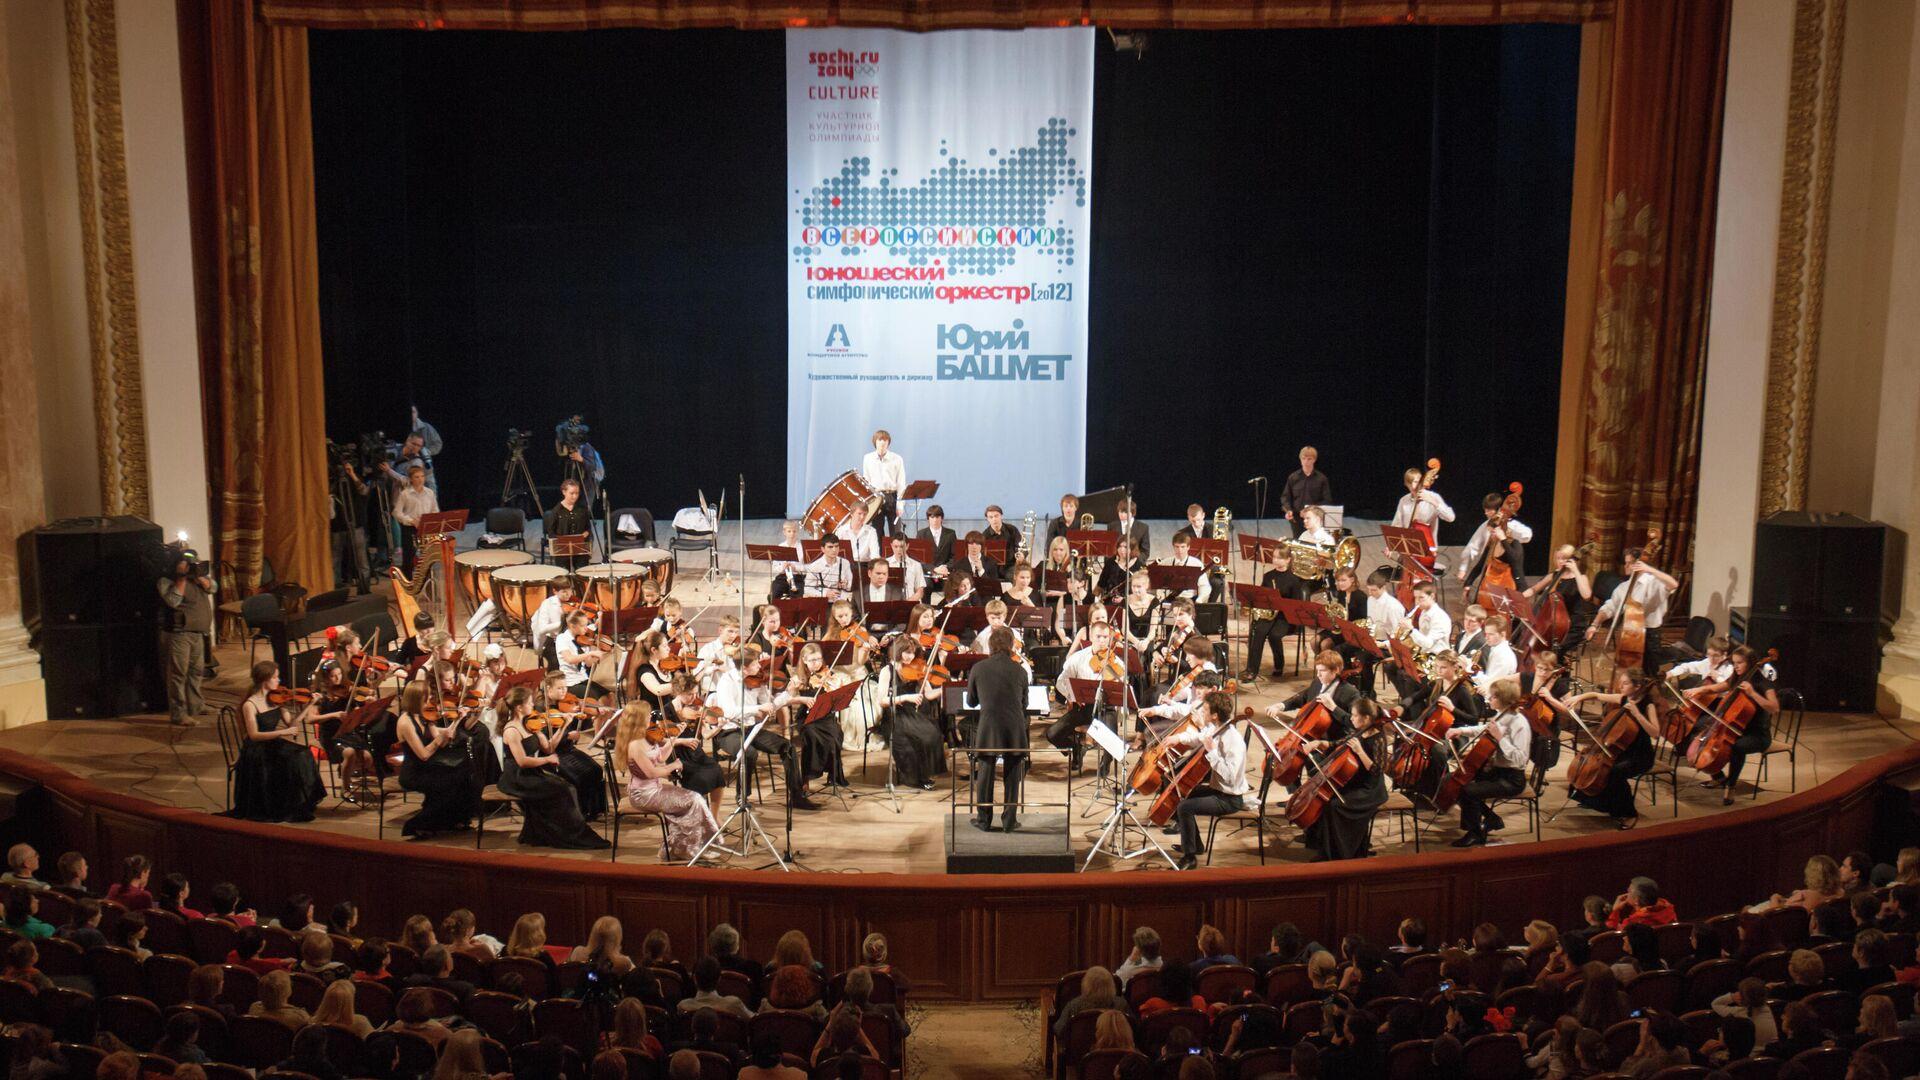 1559457154 0:163:3061:1885 1920x0 80 0 0 bb5858f50afc735d4a1e77d3f6ff6810 - Юношеский симфонический оркестр Башмета отправляется в турне по России